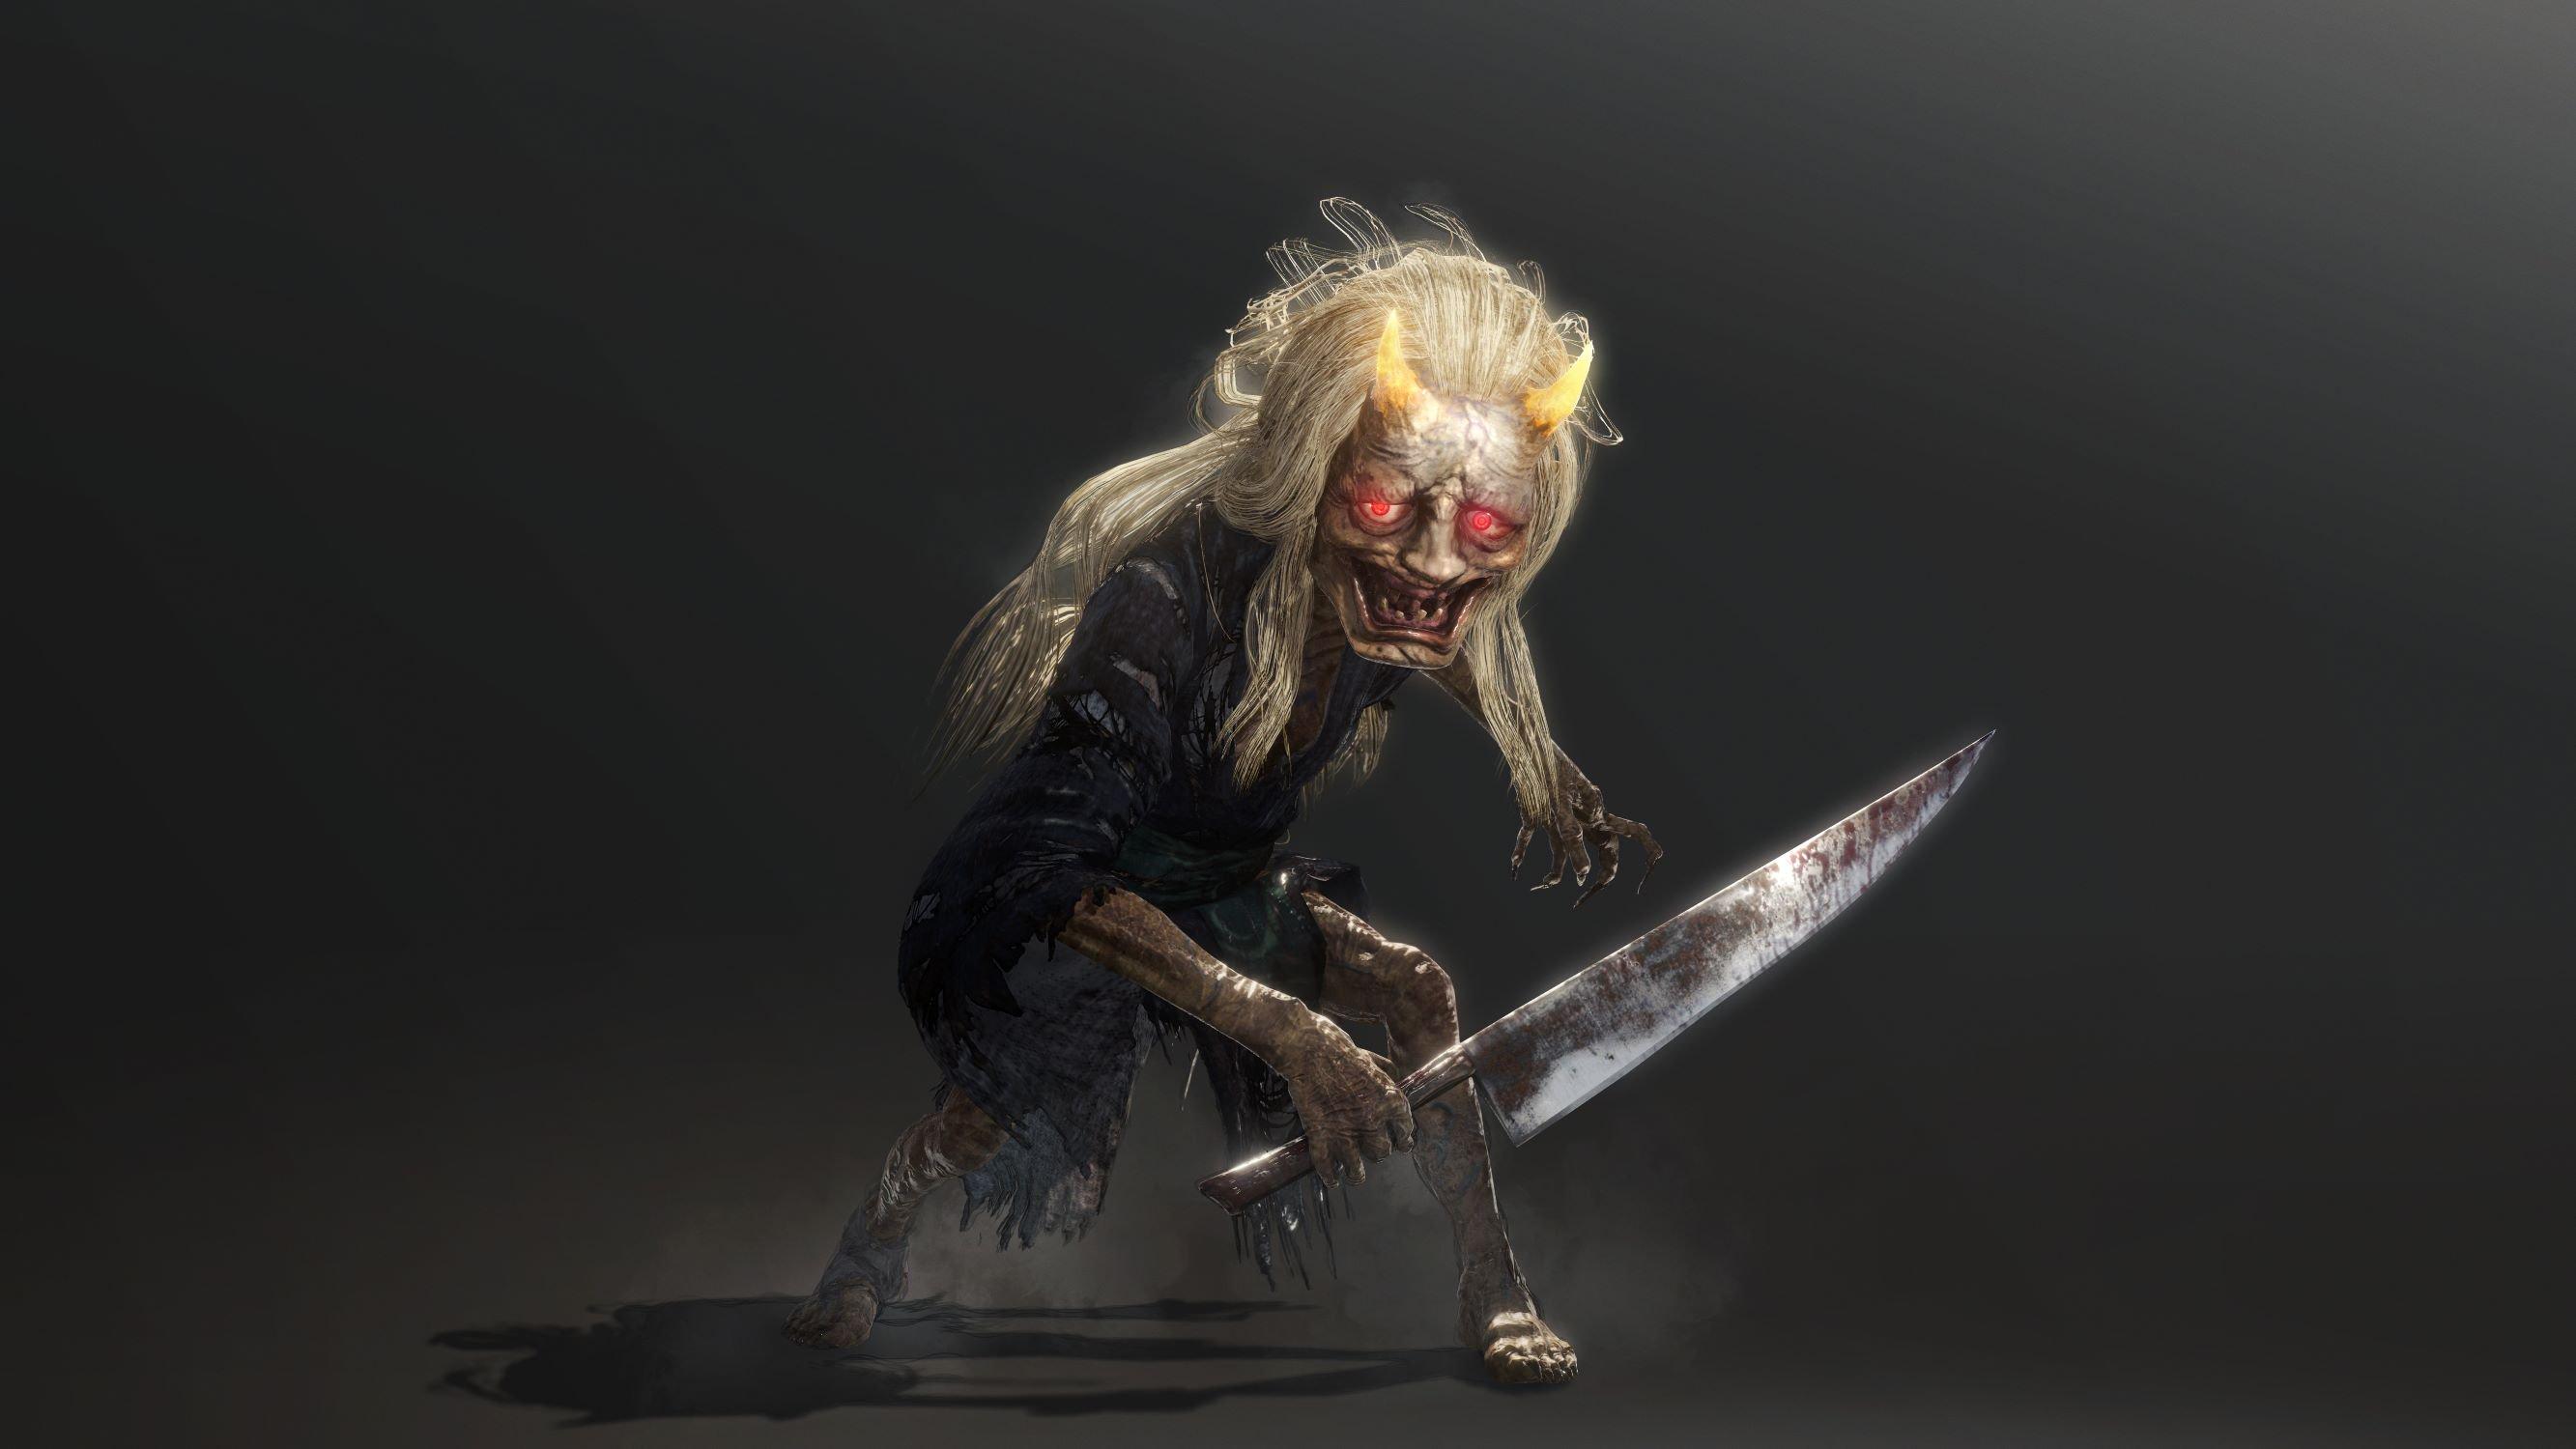 《仁王2》新怪物山姥公开 人物捏脸环节设定有趣